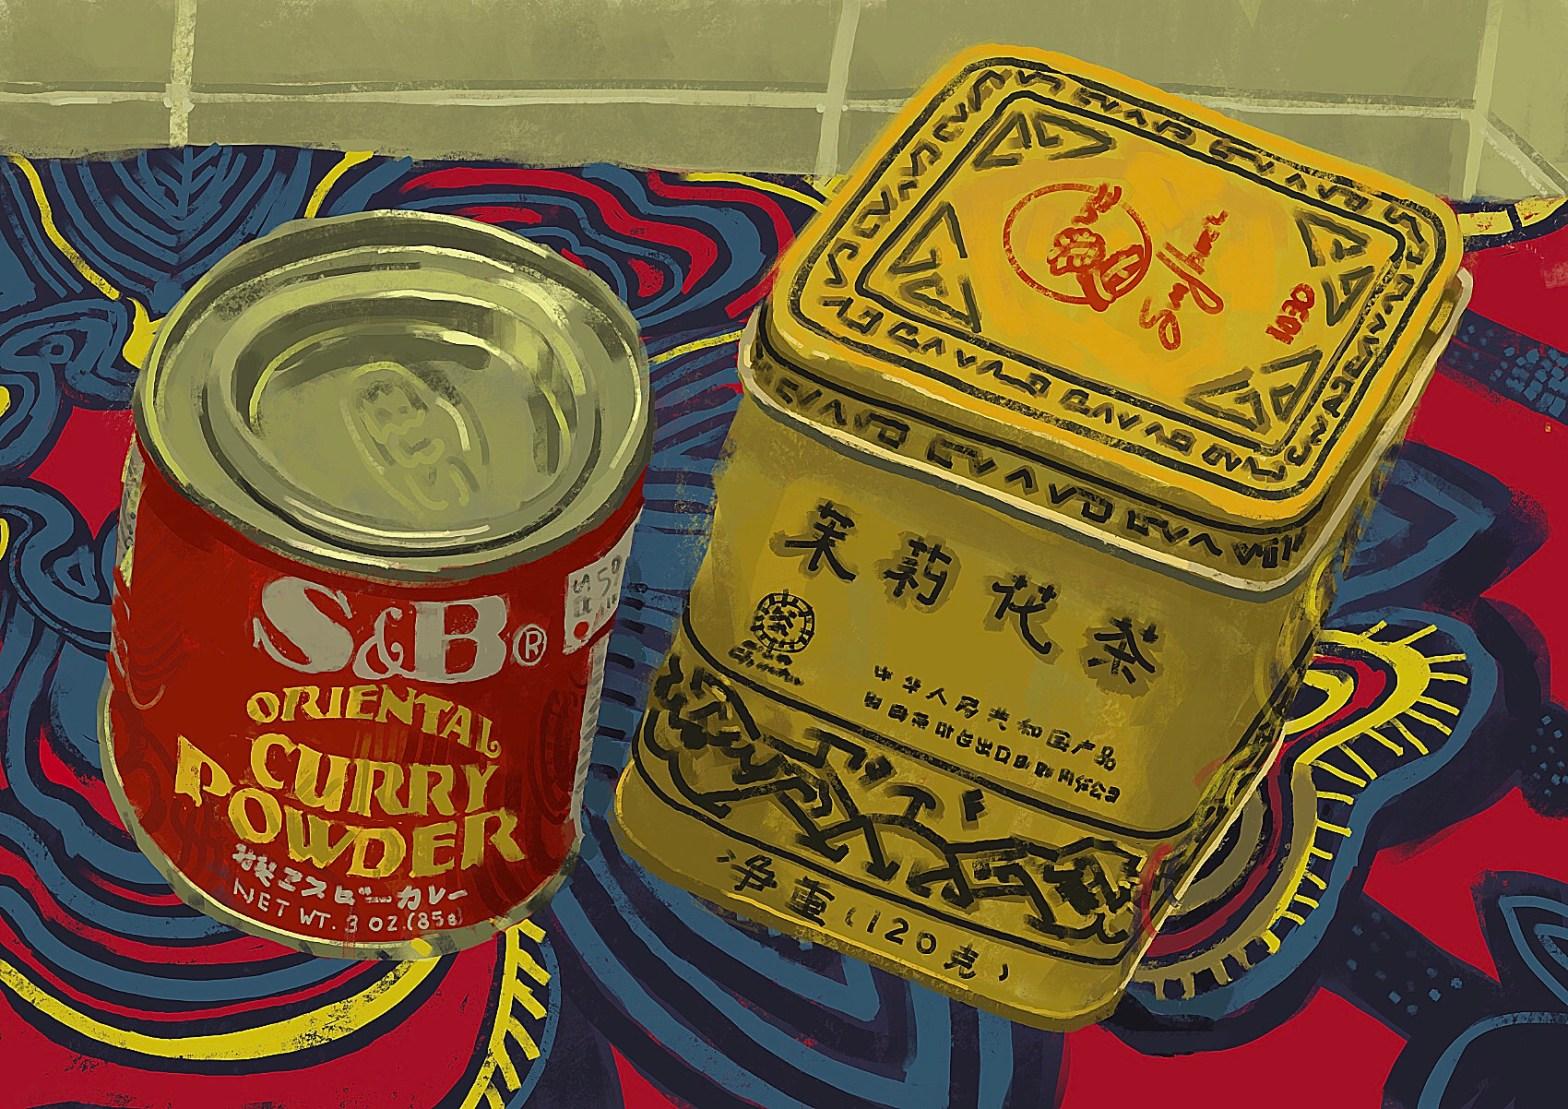 """Pintura colorida com duas latas em primeiro plano. A da esquerda, onde se lê """"Oriental curry powder"""" é menor, cilíndrica e vermelha. A outra é um paralelepípedo amarelo com caracteres chineses. Cobrindo a superfície, tem uma toalha estampada colorida"""